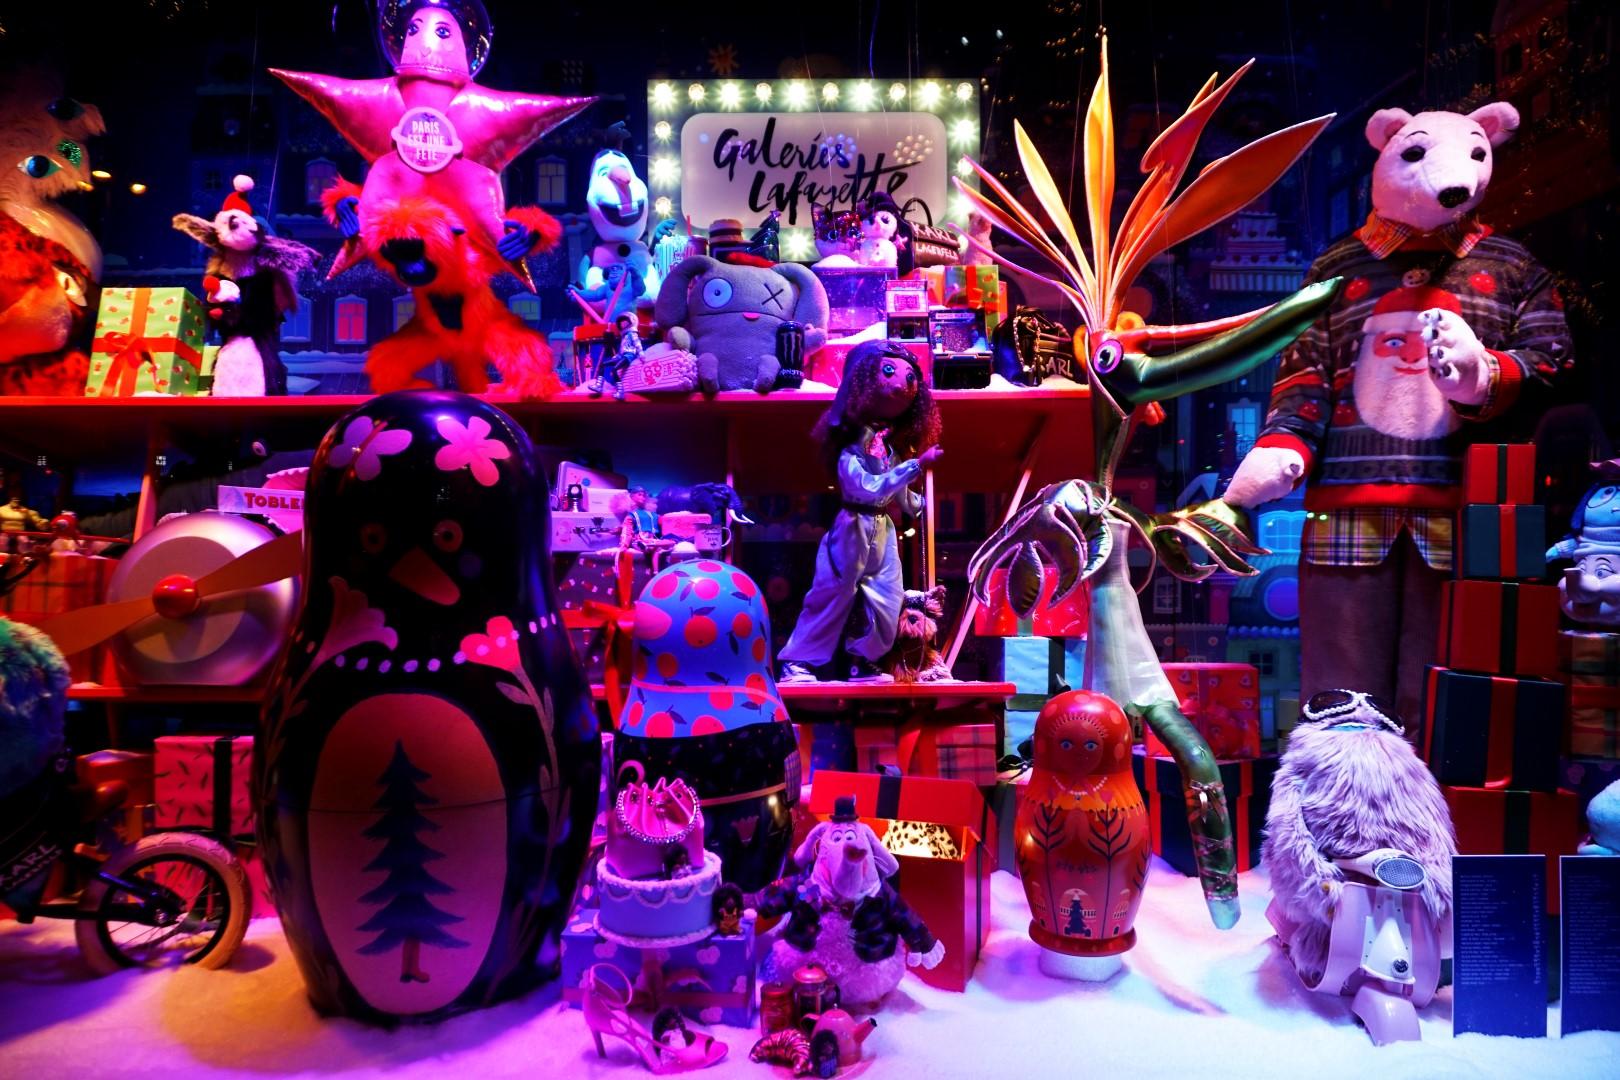 Balade de Noël à travers Paris - du Bon Marché aux Galeries Lafayette - Vitrines de Noël des Galeries Lafayette